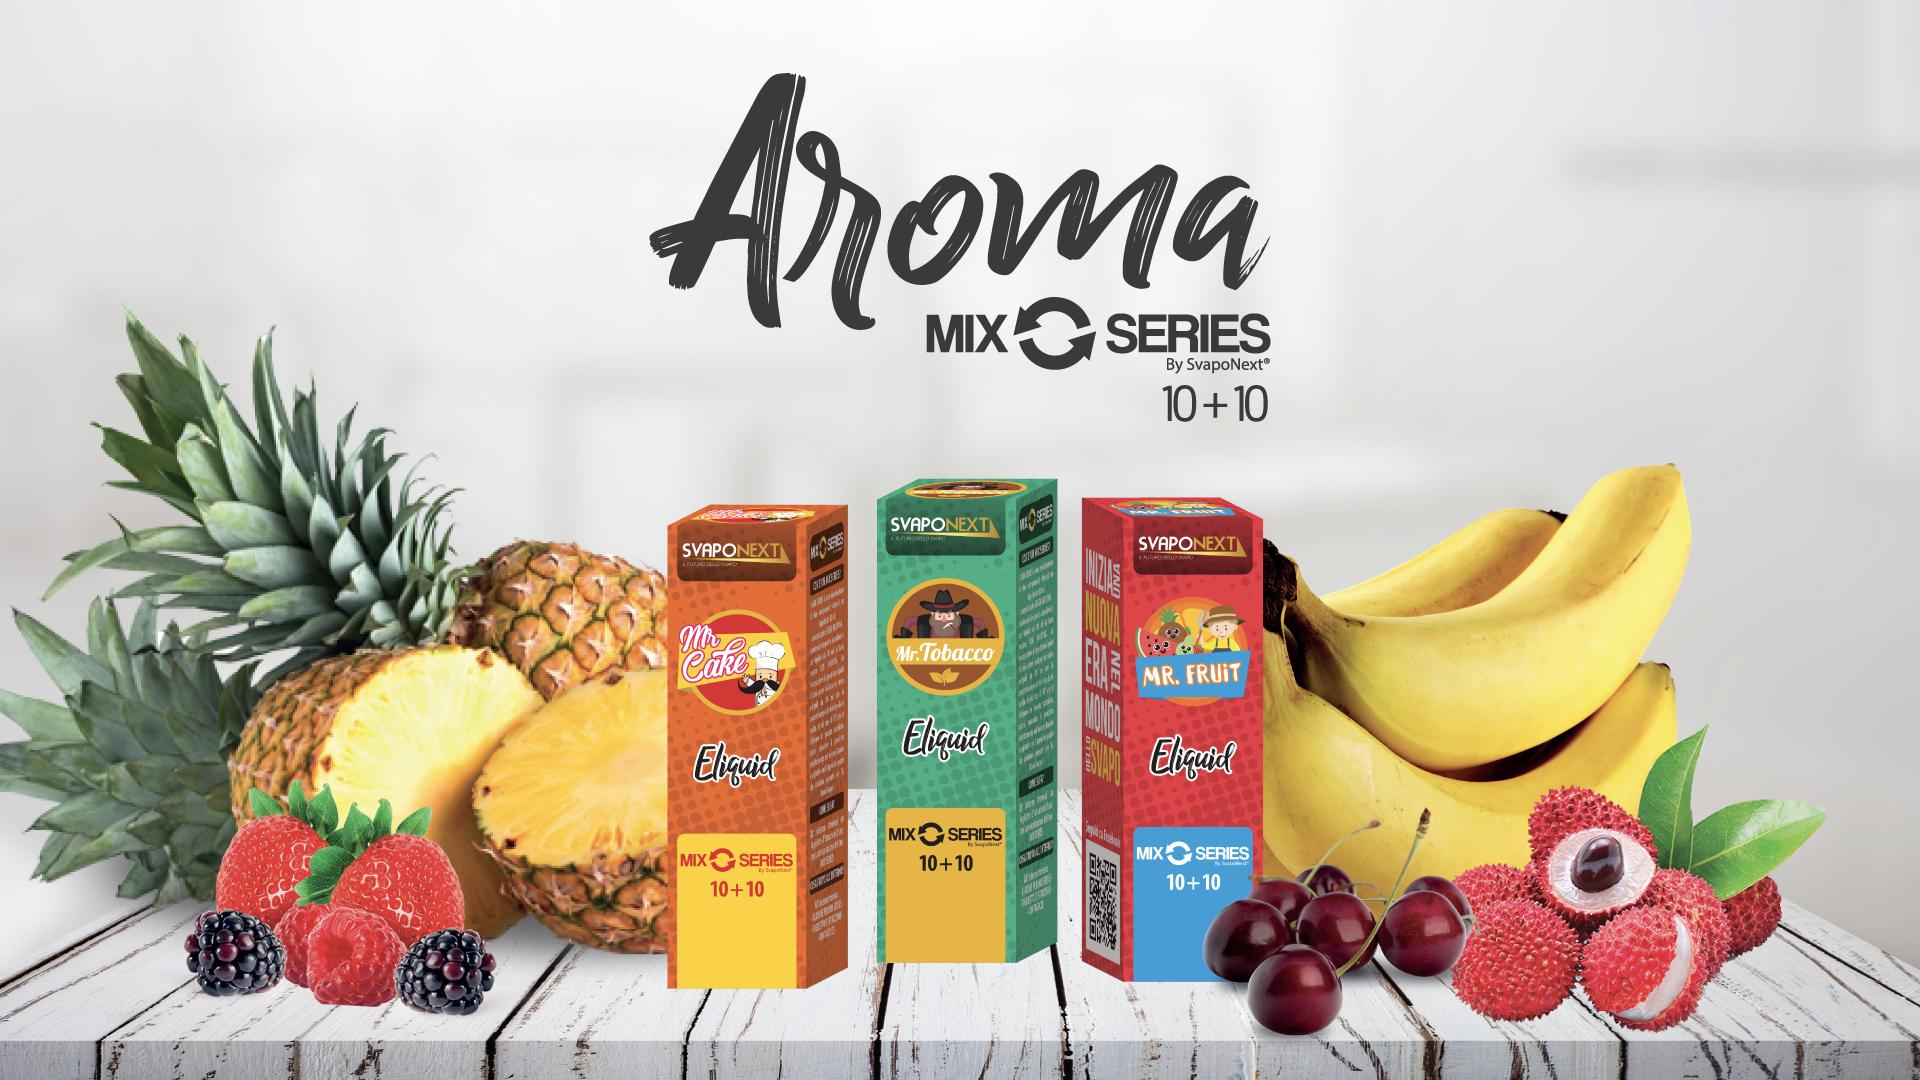 Aromi Mix Series 10 + 10